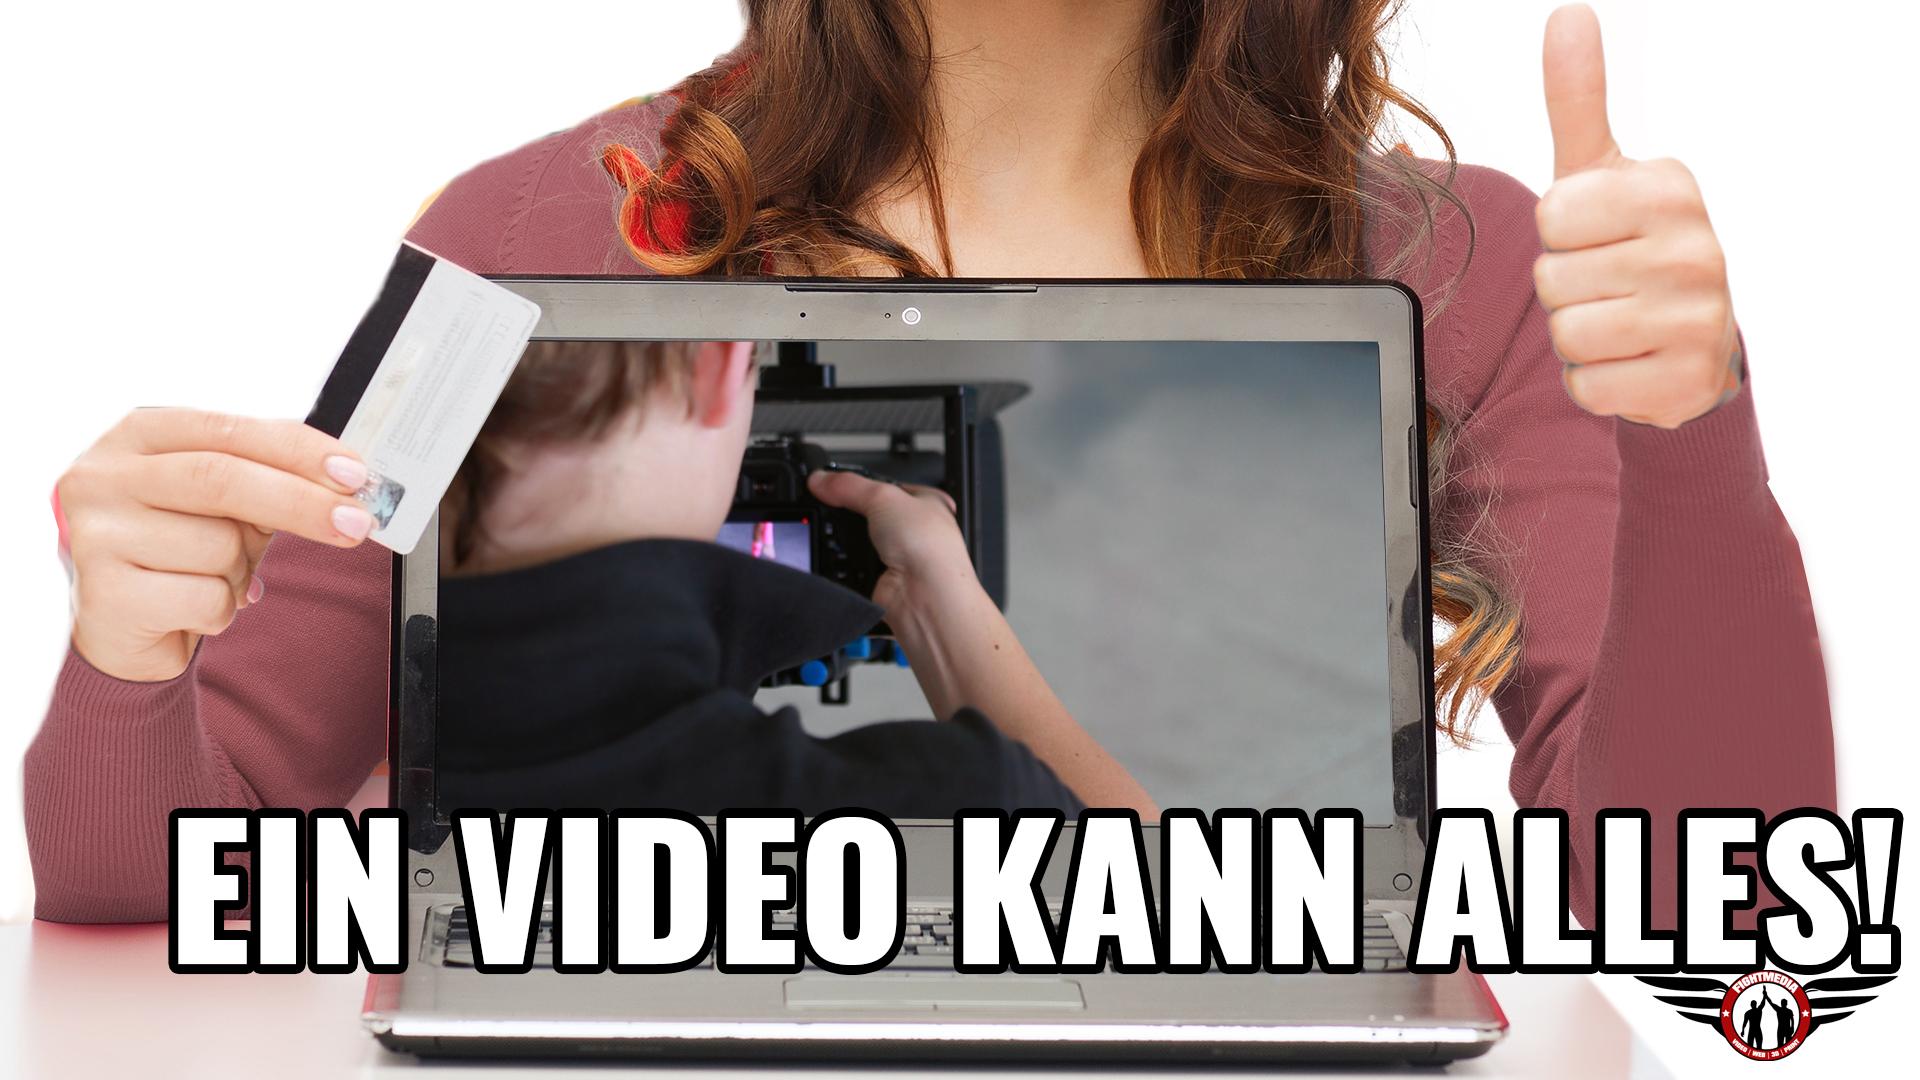 Ein Video kann alles!